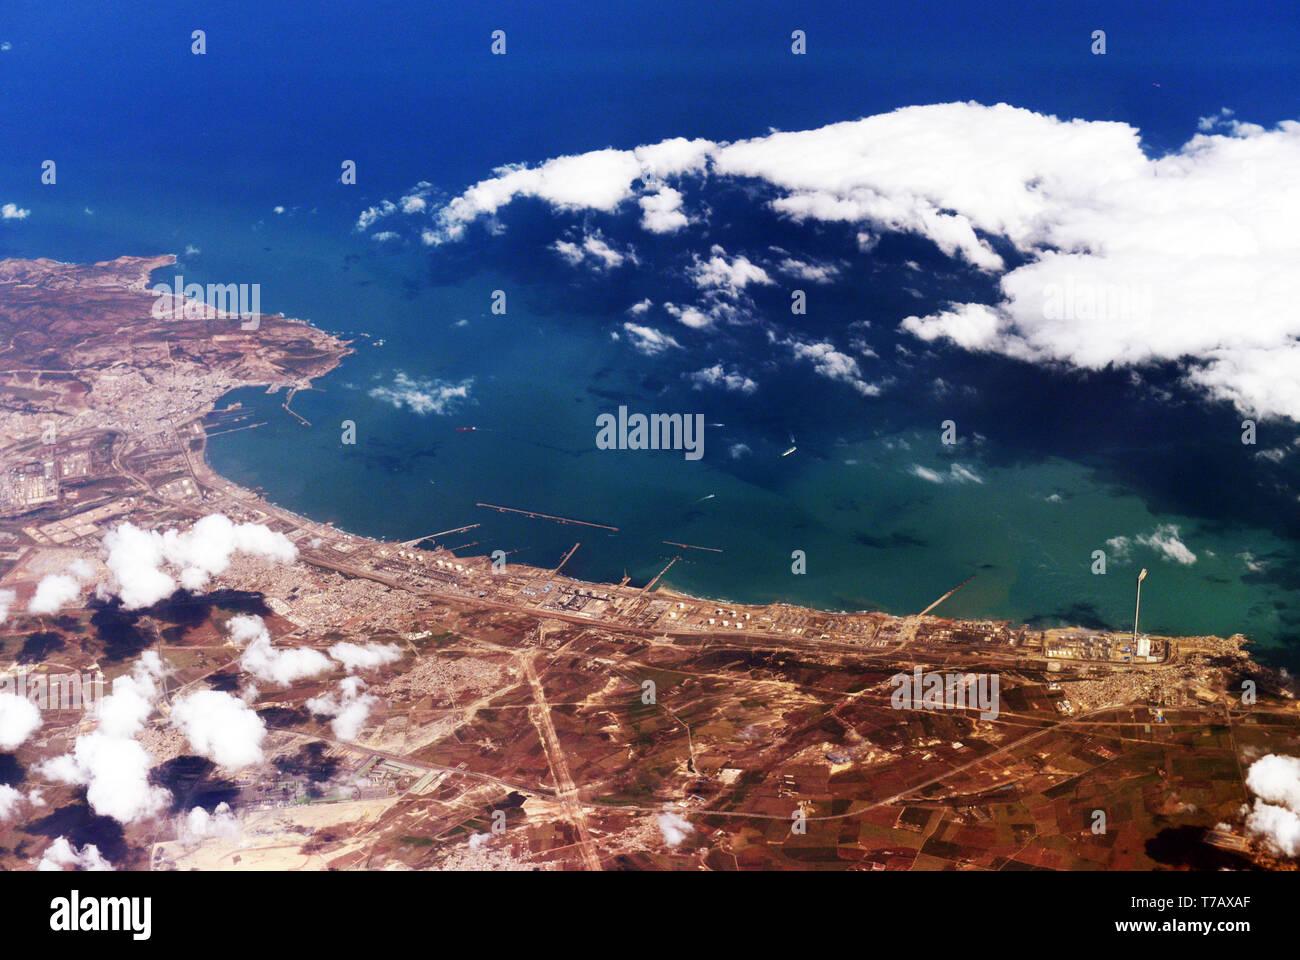 Vista aerea della costiera in Algeria. Immagini Stock